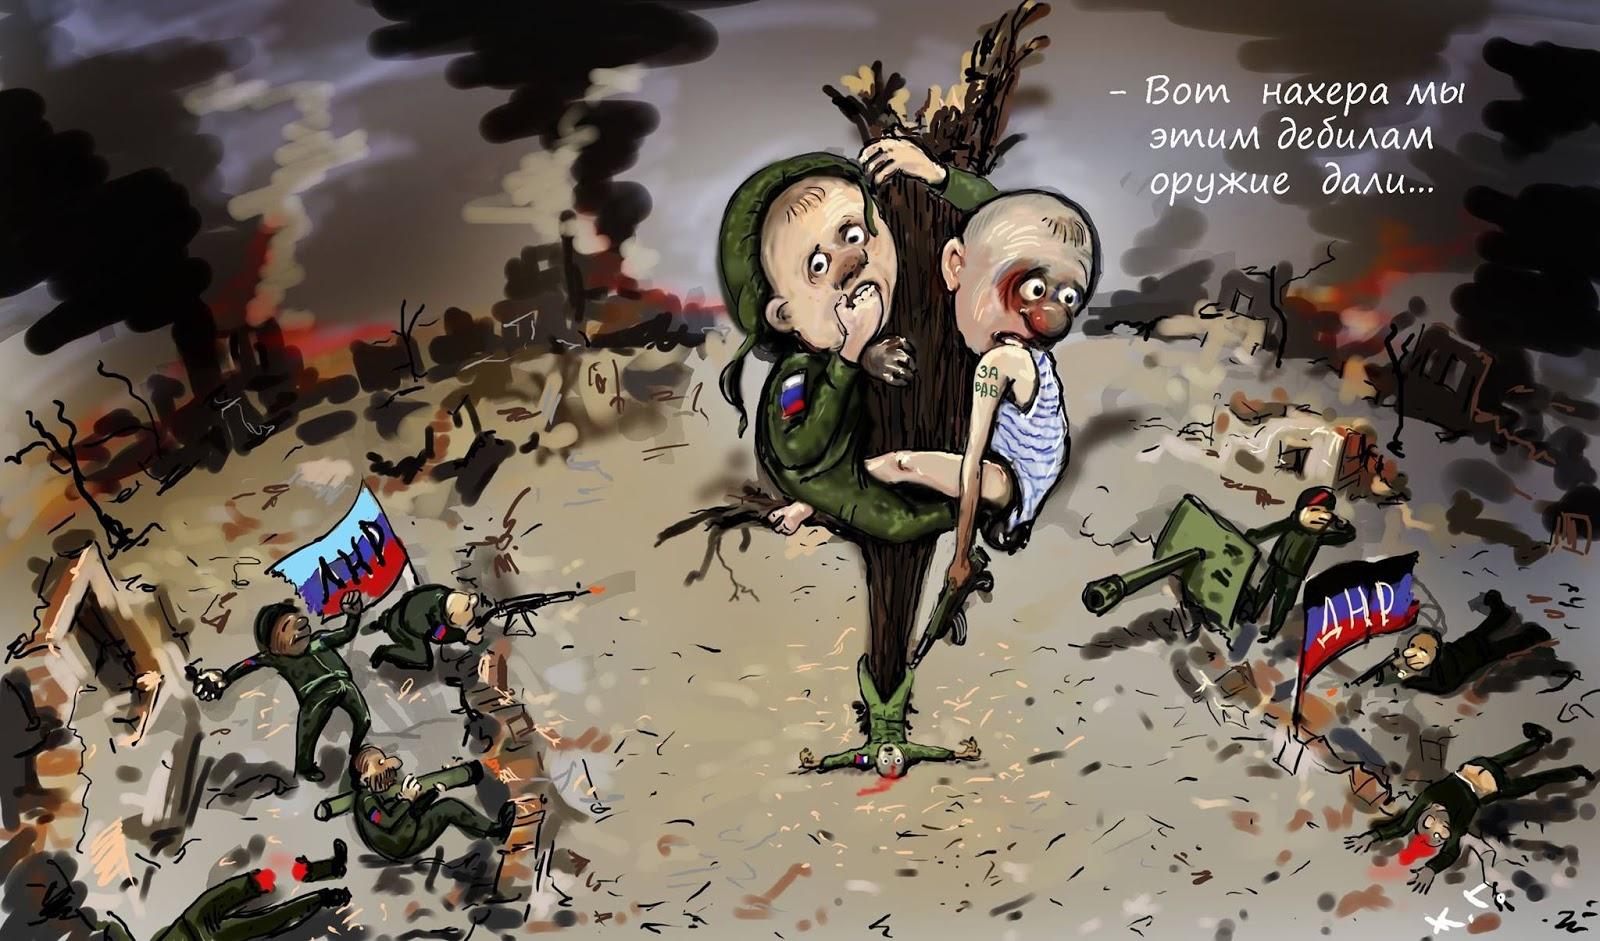 Кабмин обязал профильные министерства и ведомства организовать досрочный выпуск курсантов военных вузов Украины в 2016 году - Цензор.НЕТ 1841